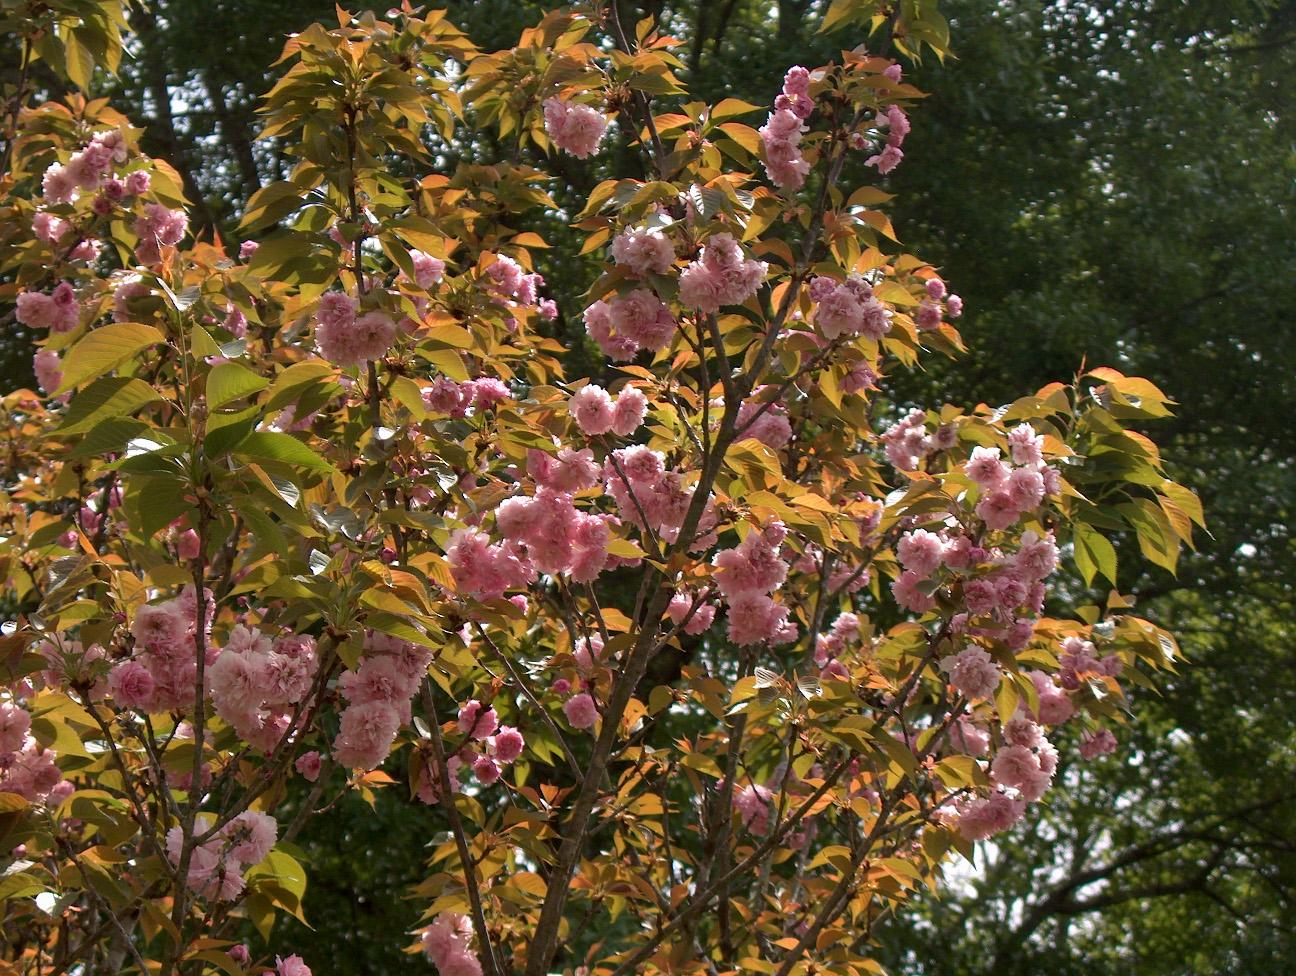 Prunus serrulata 'Kwanzan'  / Prunus serrulata 'Kwanzan'